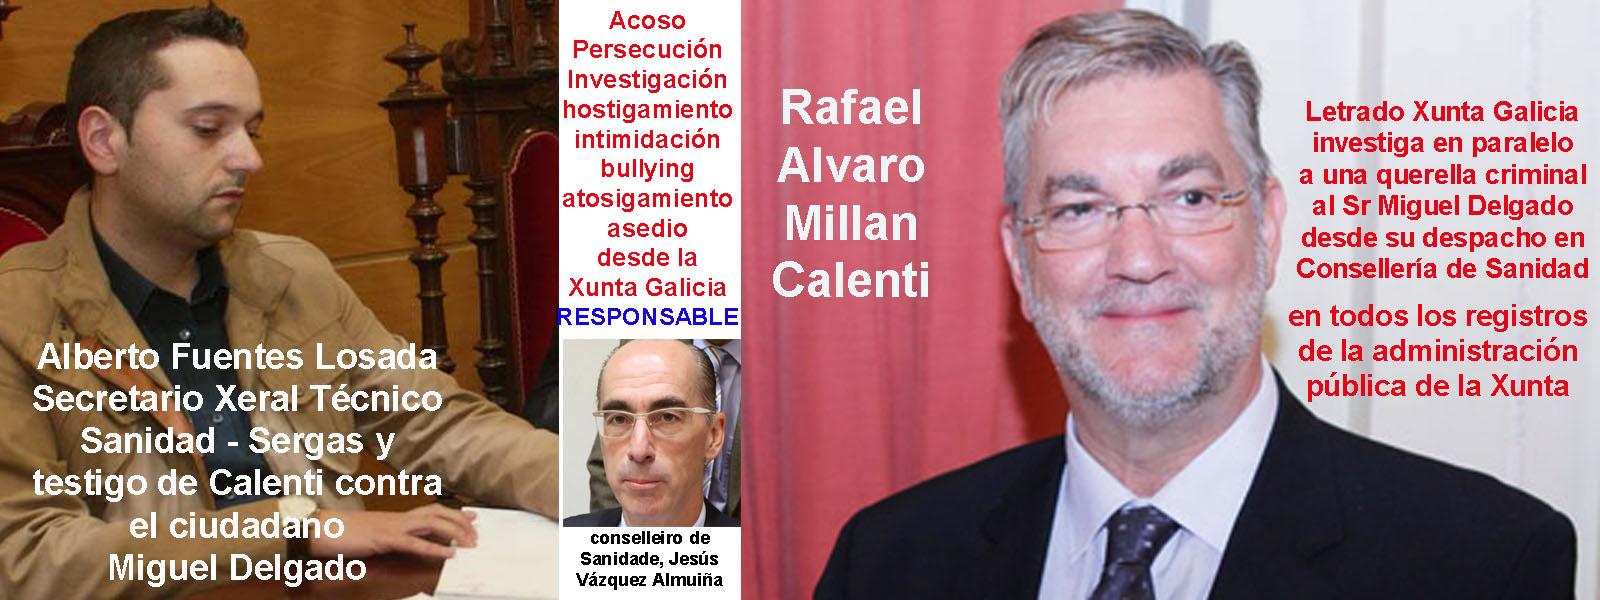 El letrado de la Asesoría de Sanidad Sr Rafael Alvaro Millan ...